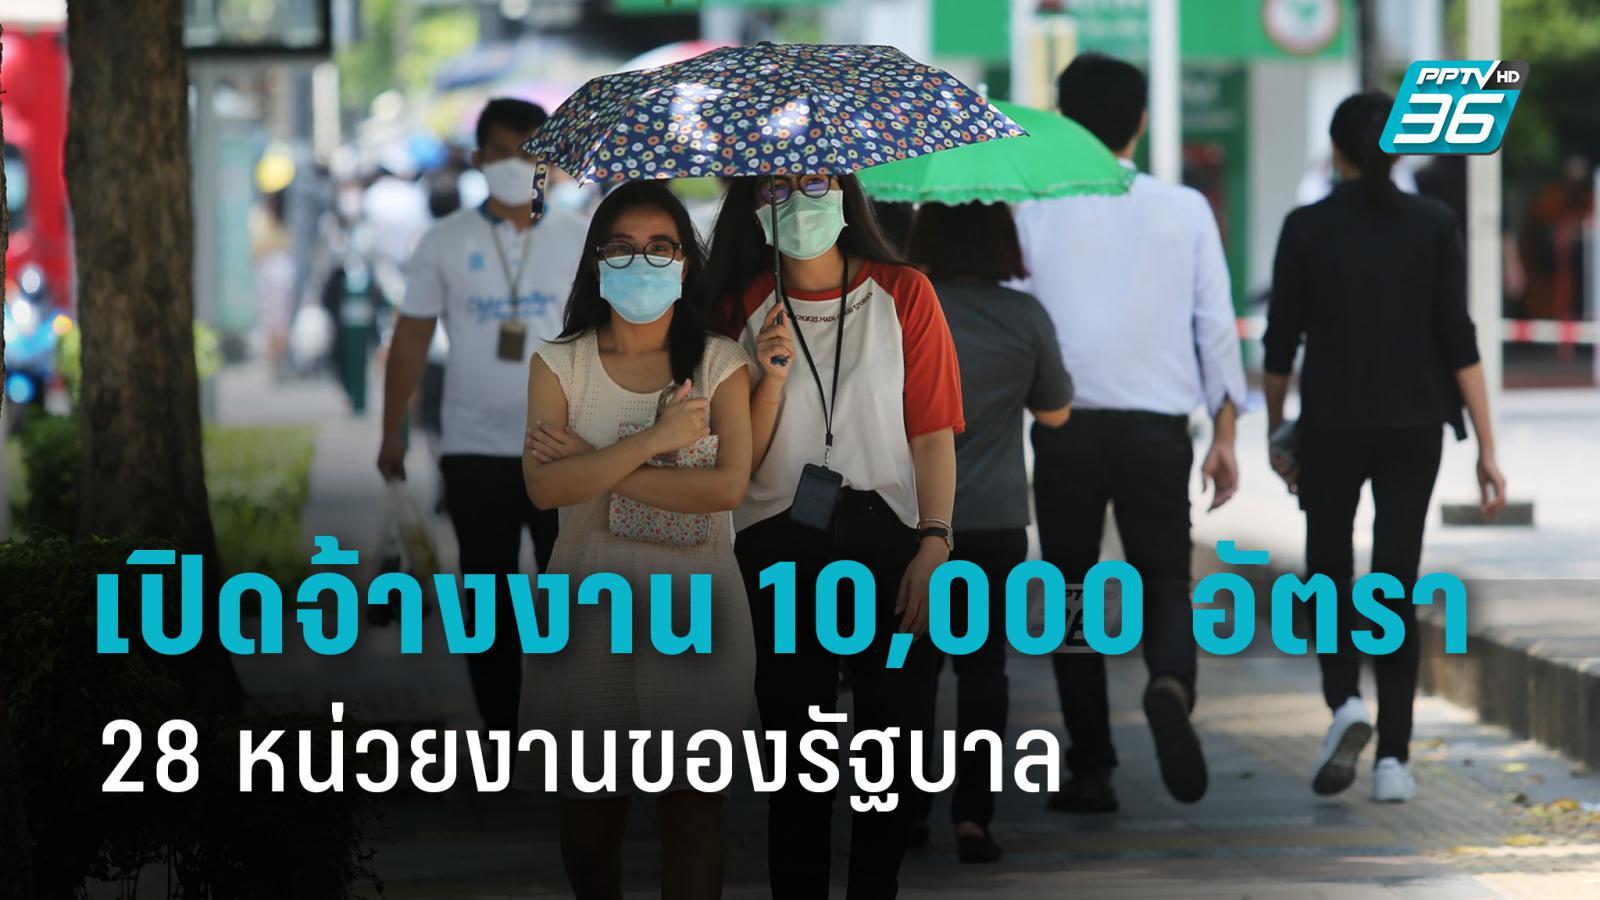 เช็กเลย! รัฐบาล เปิดจ้างงาน 10,000 อัตรา 28 หน่วยงานมีที่ไหนบ้าง